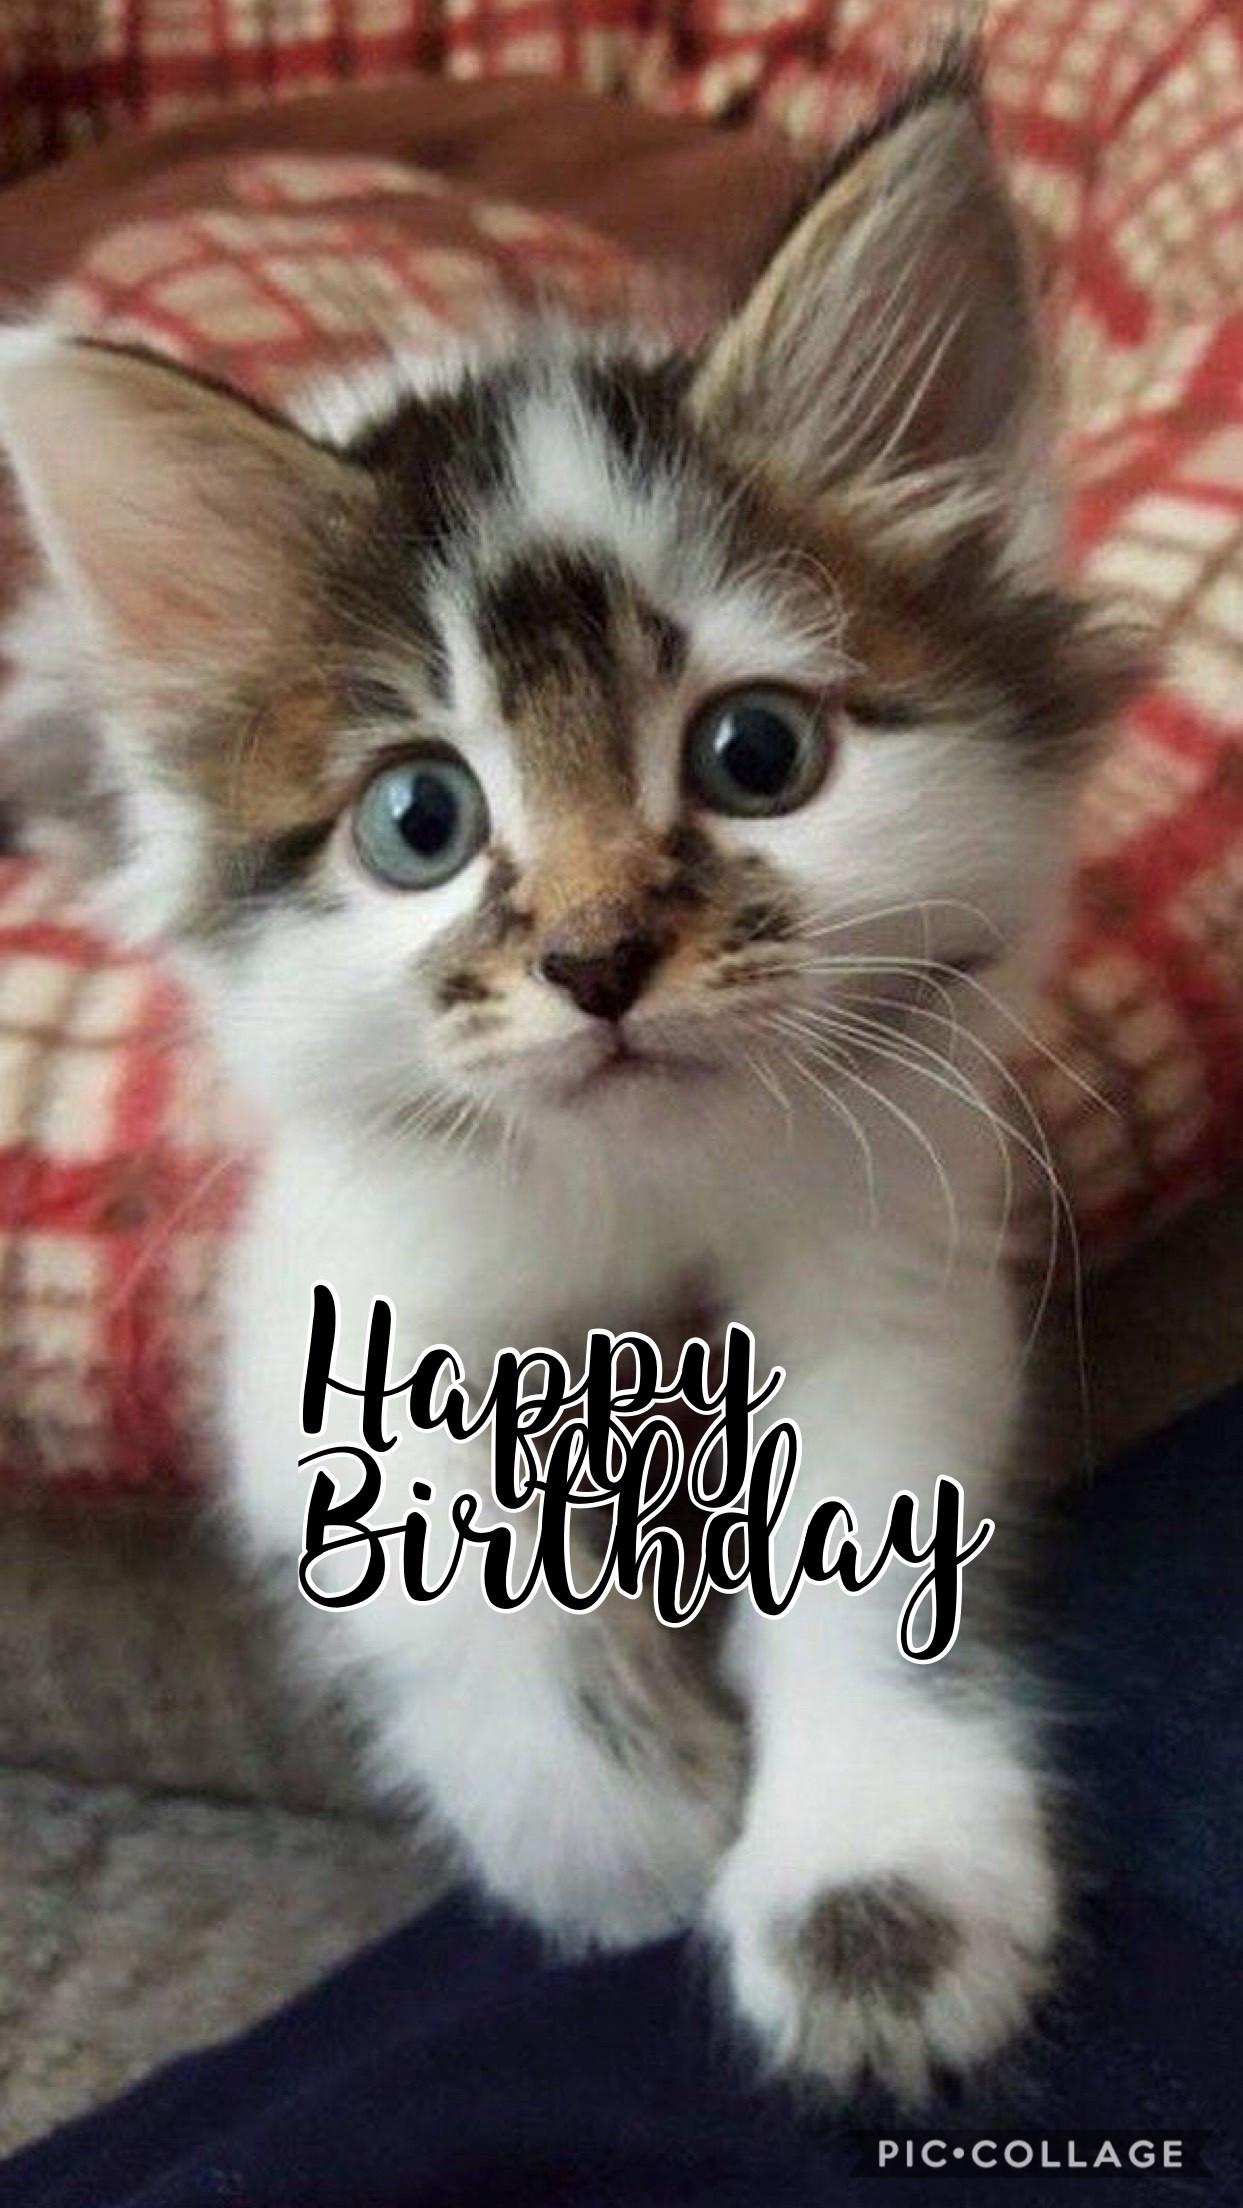 Geburtstagsbilder Mit Katzen  Lustige Geburtstagsbilder Katzen droitshumainsfo